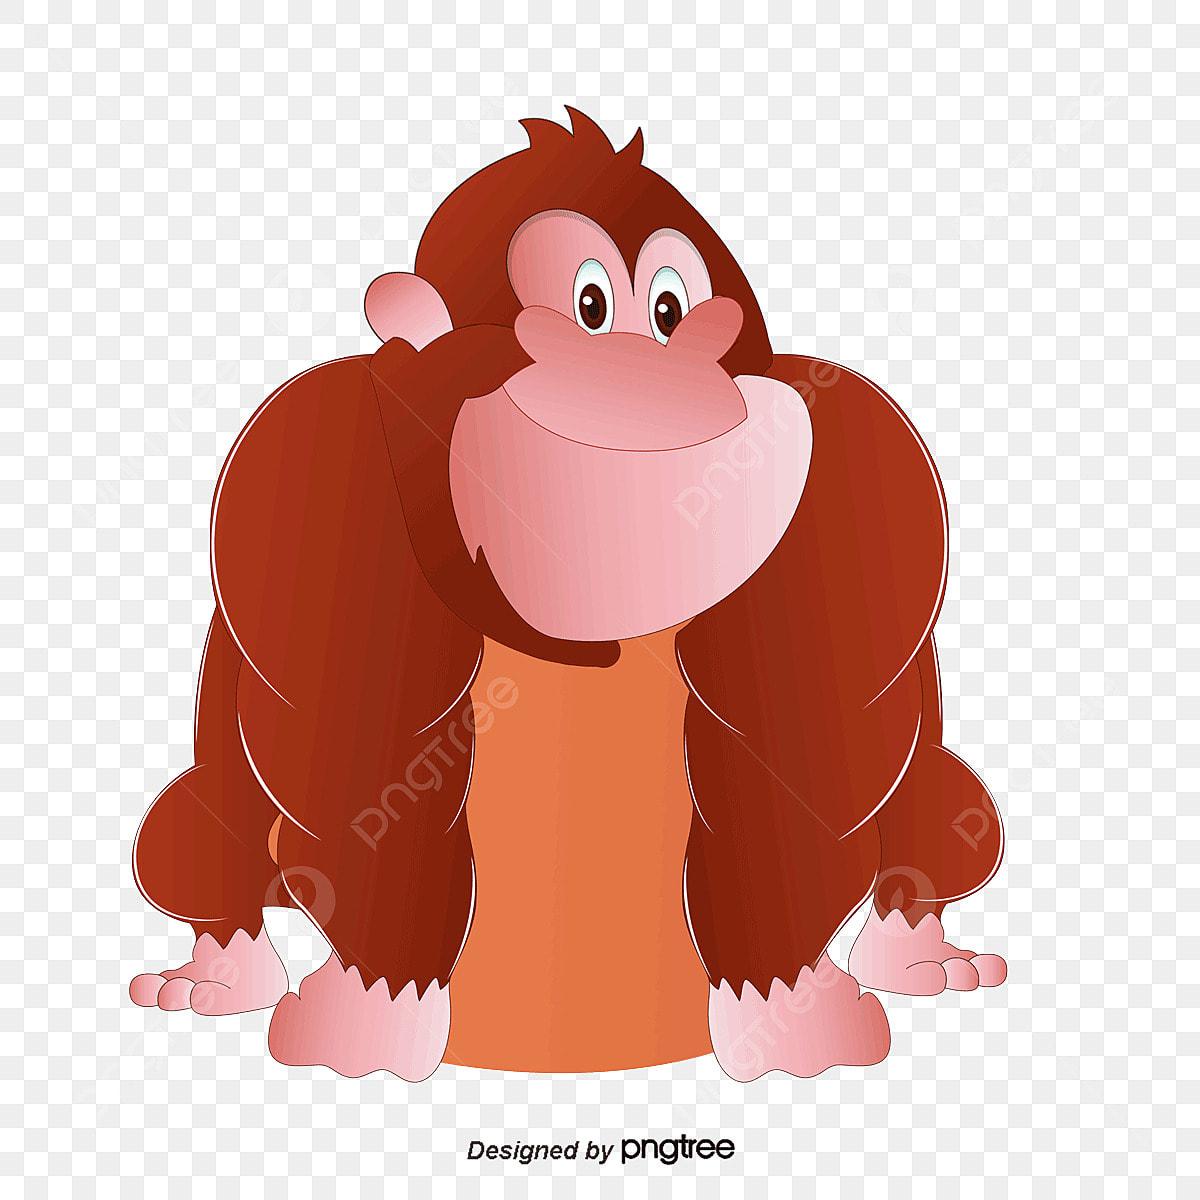 Dessin De Gorille Dessin De Peints A La Main Animal Gorille Fichier Png Et Psd Pour Le Telechargement Libre